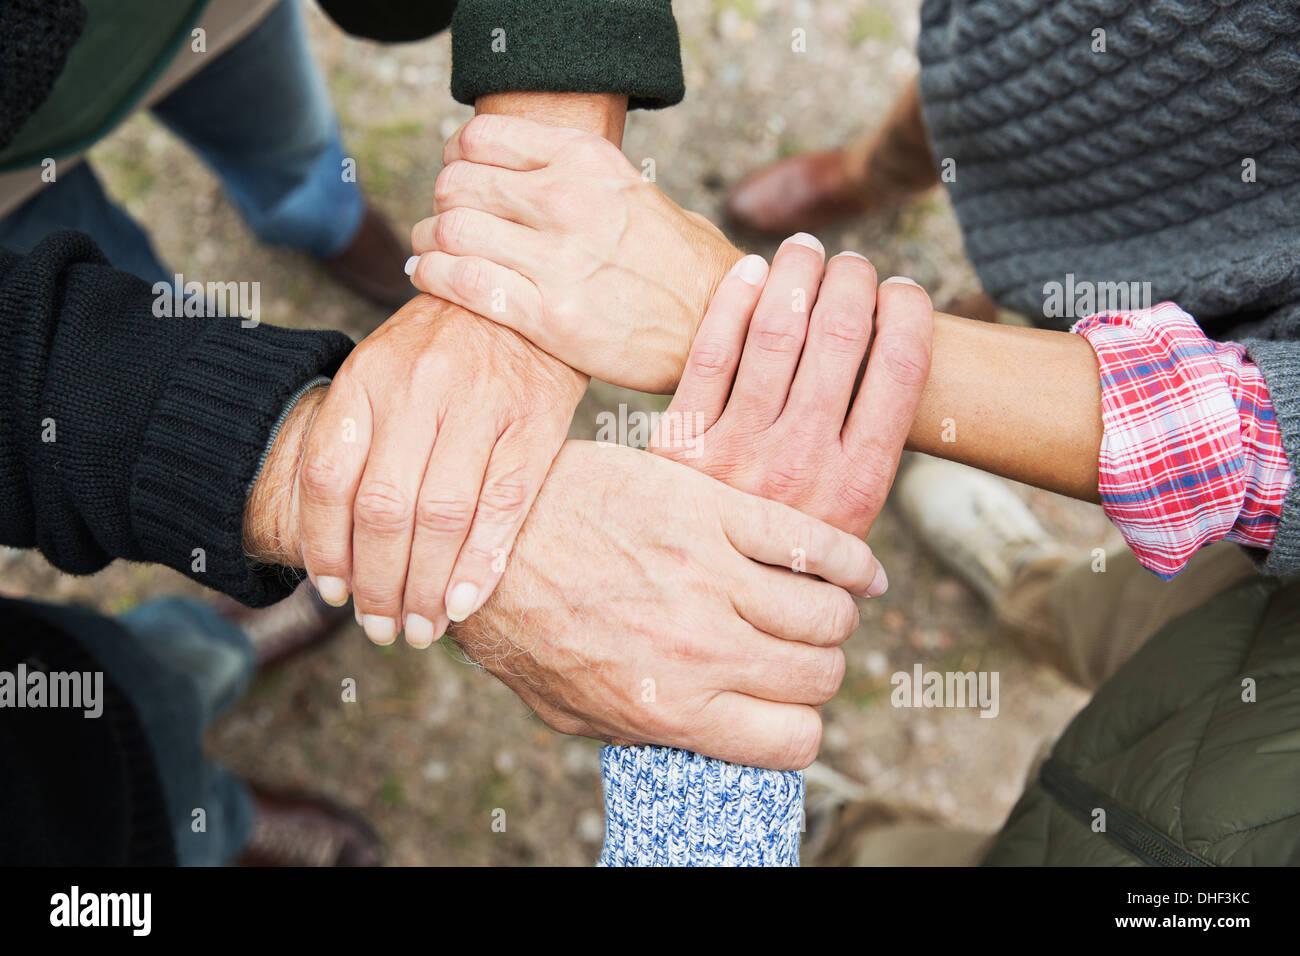 Quatre personnes de toucher les mains, high angle Photo Stock